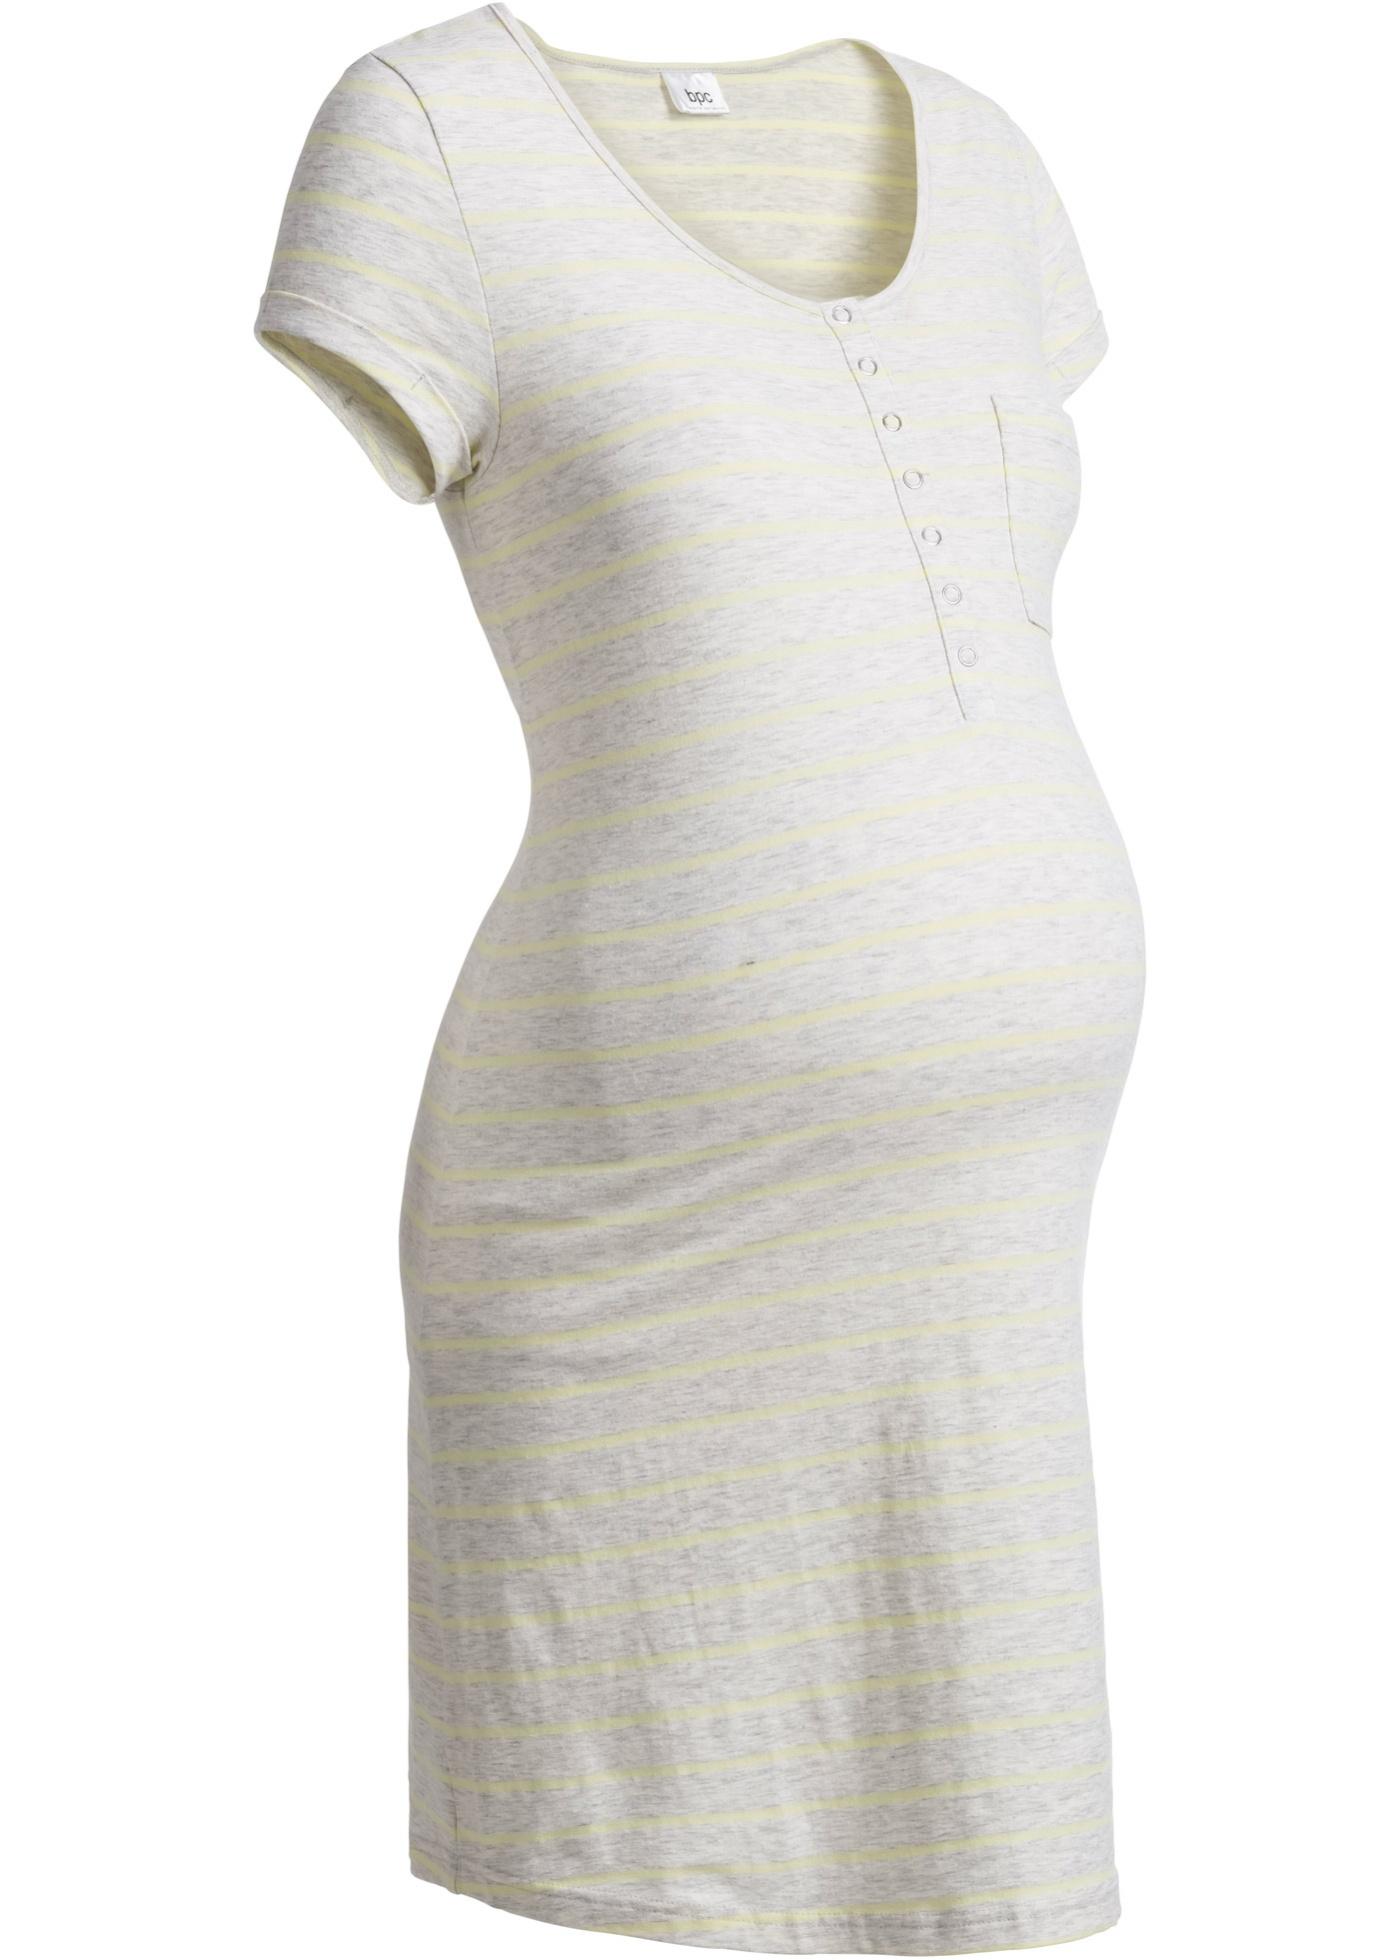 Camicia da notte per l'allattamento (Bianco) - bpc bonprix collection - Nice Size